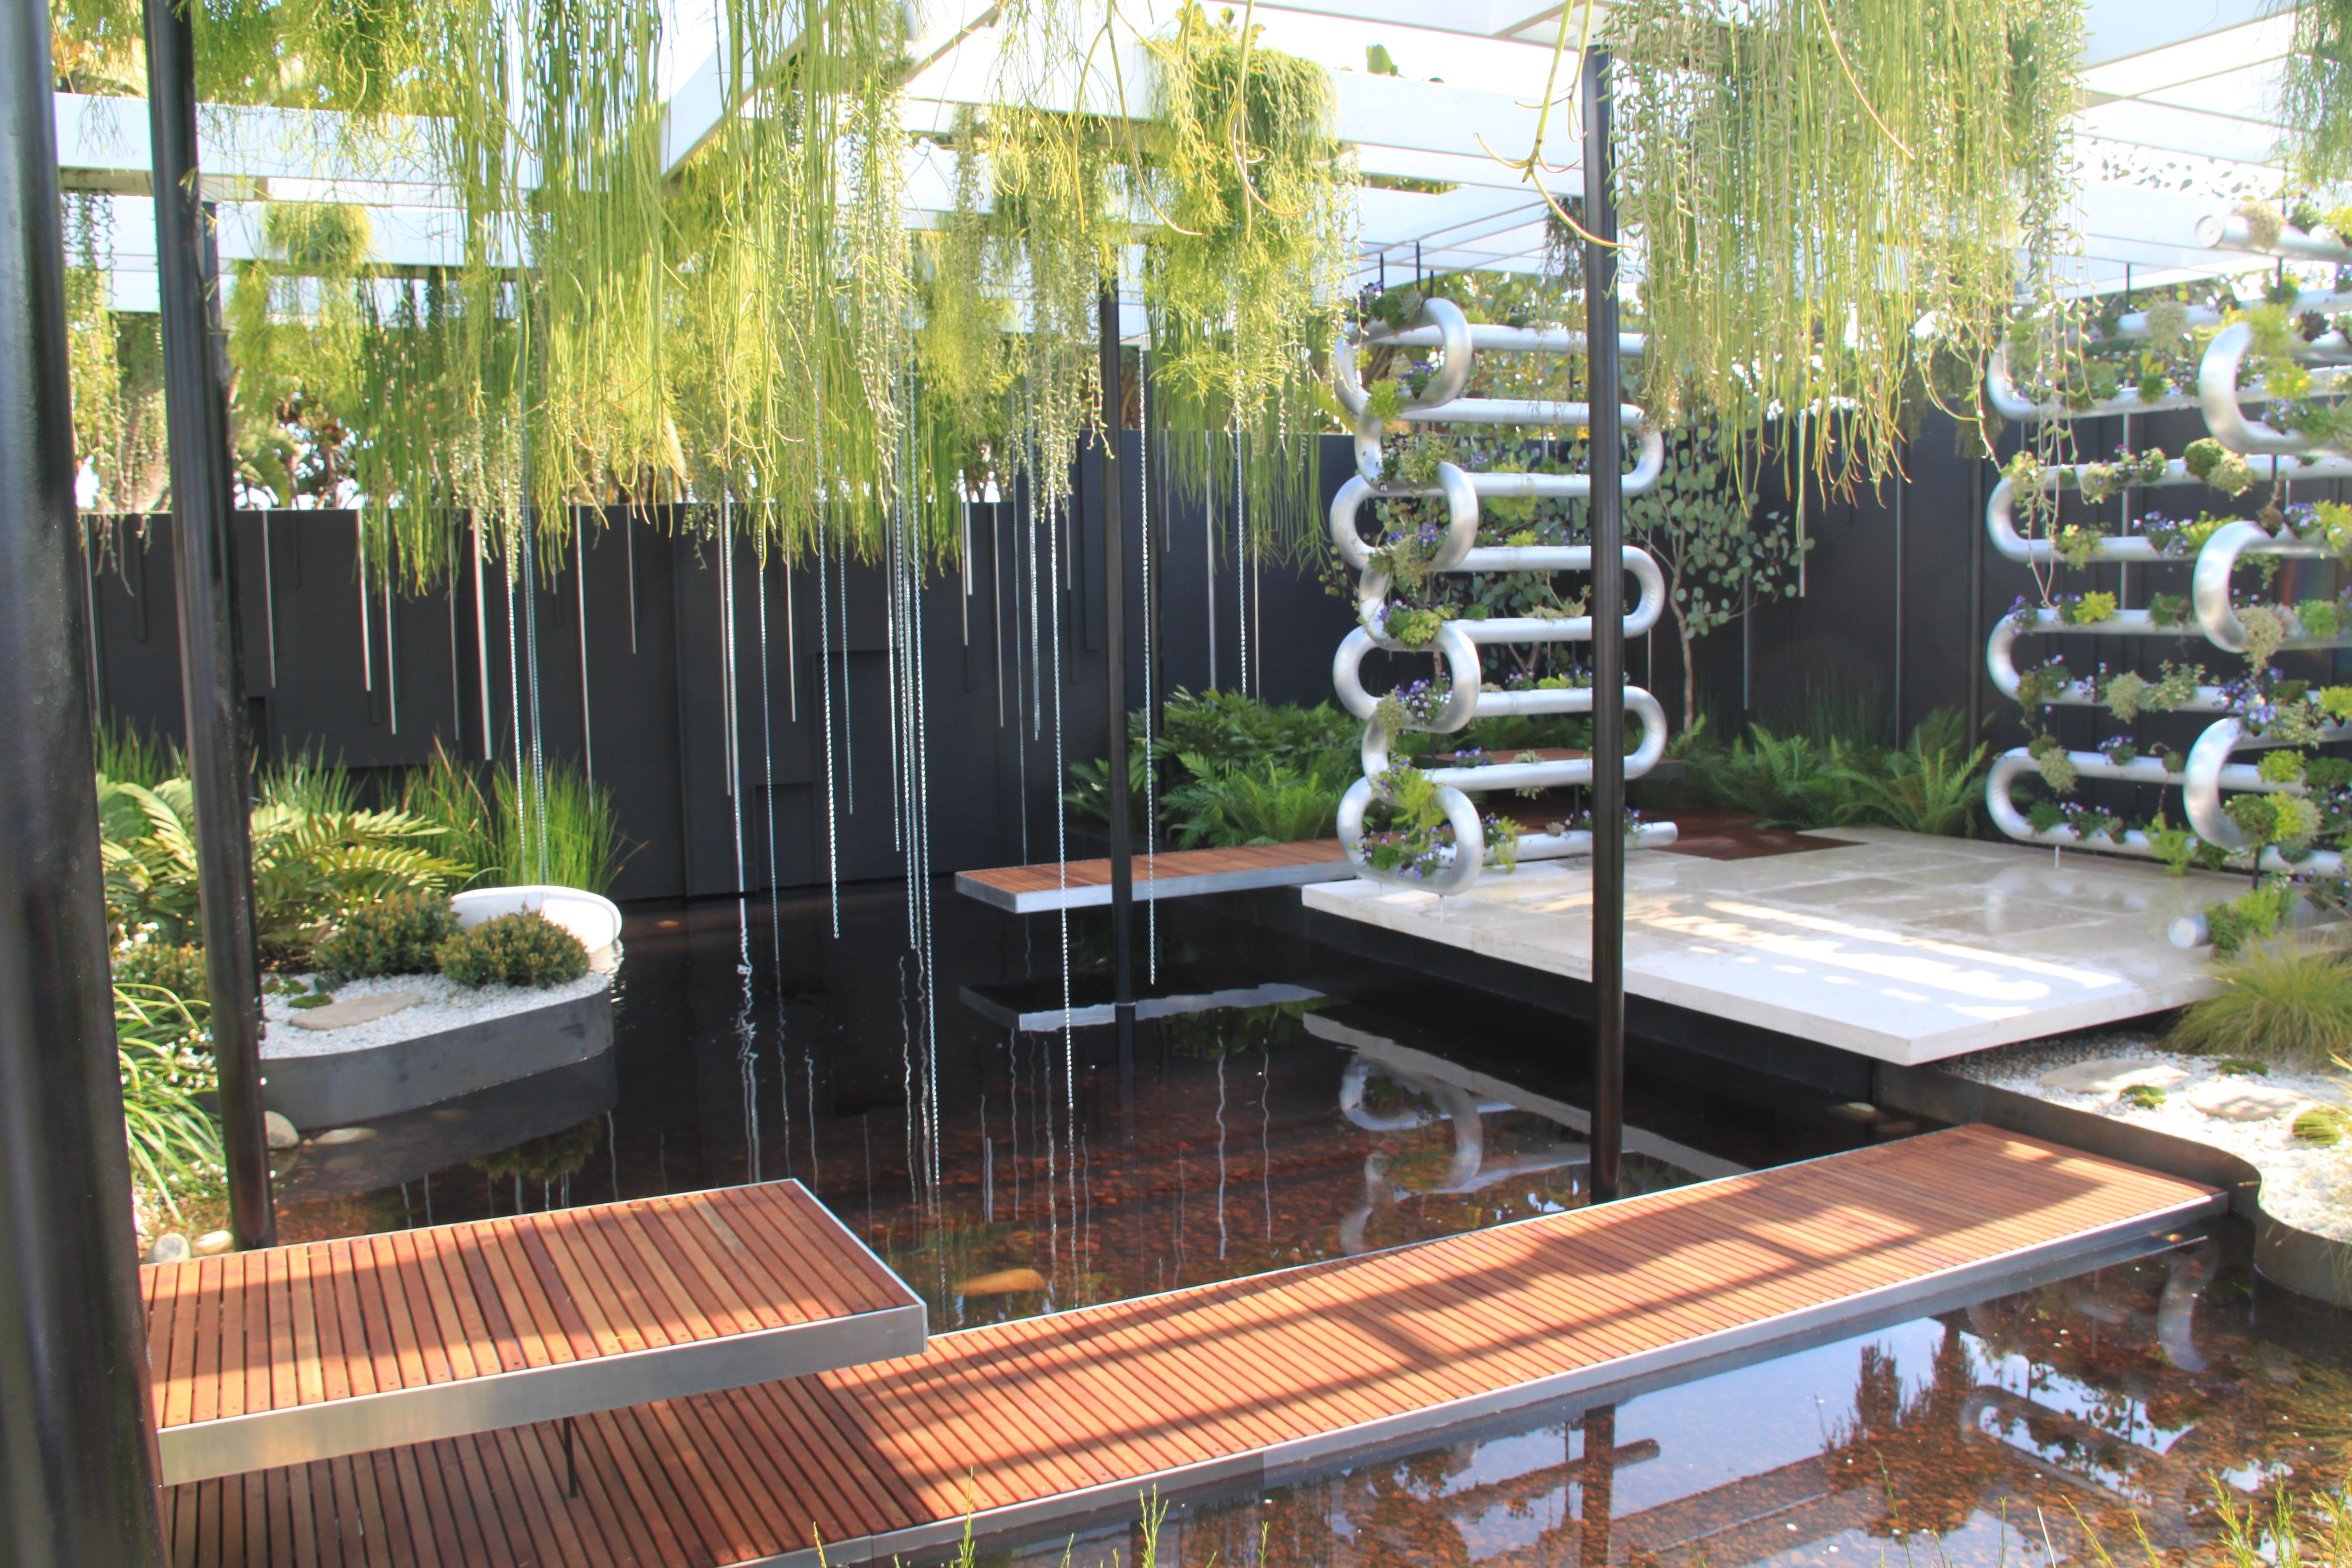 australian garden show sydney 2013  u2013 janna schreier garden design